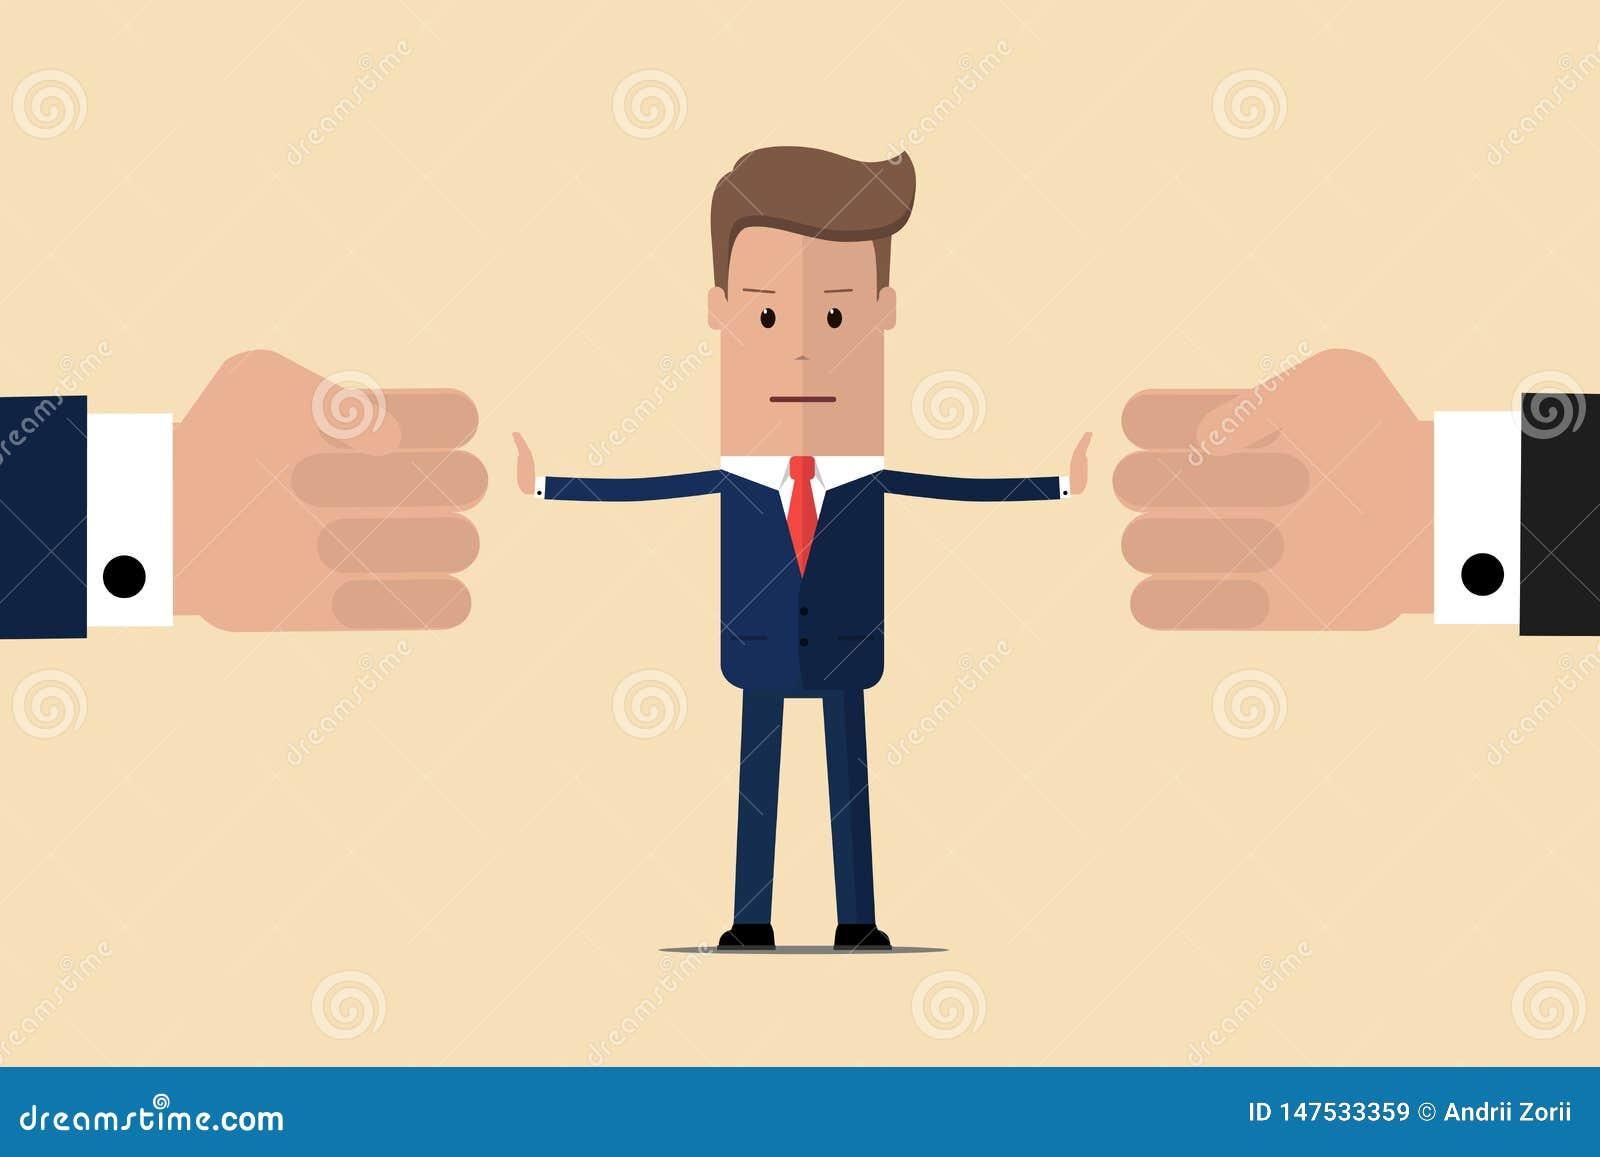 Endkonflikt Gesch?ftsmannreferent findet Kompromiss Vermittler, der Wettbewerb l?st Konflikt und L?sung Der Mann wirft zwei F?ust